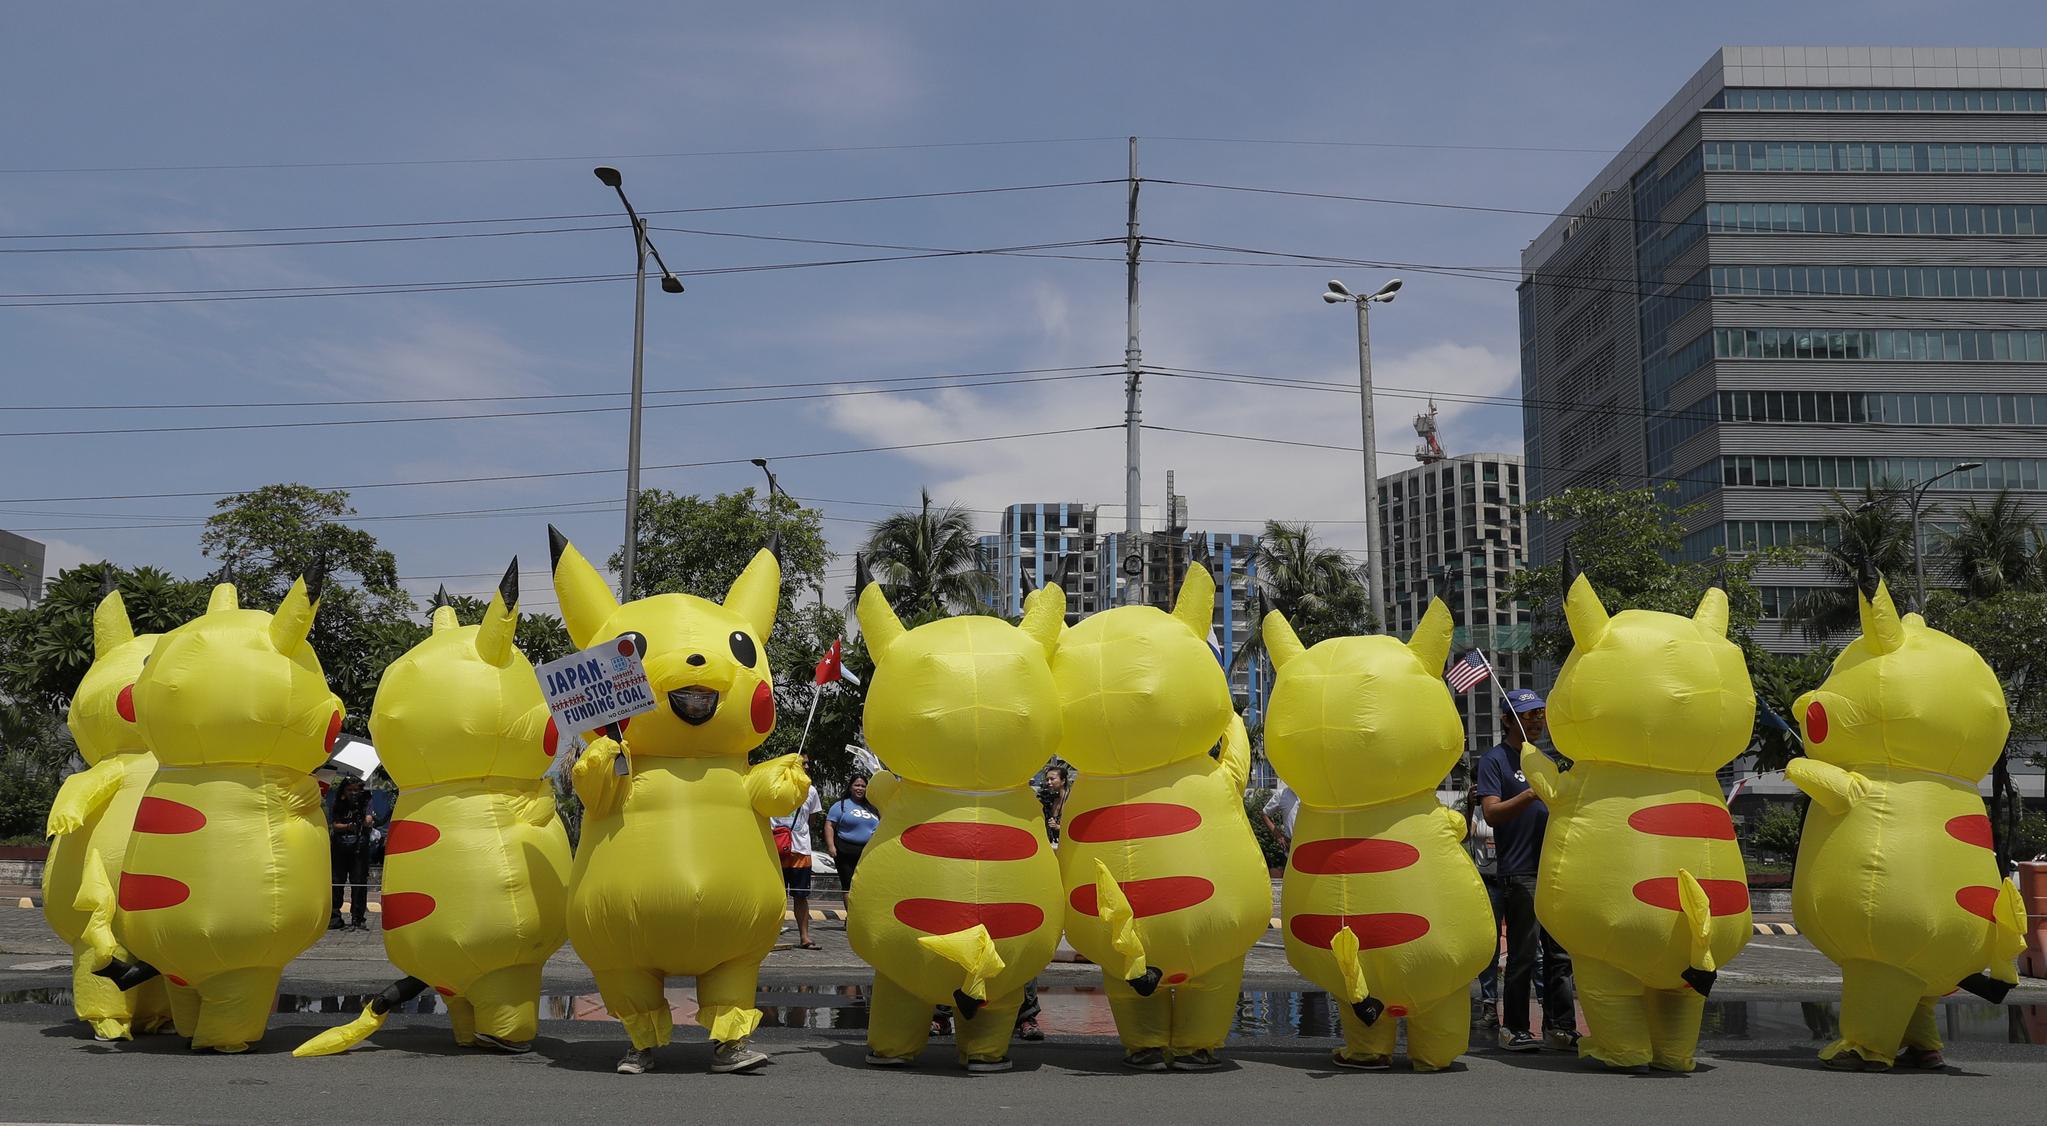 피카츄 복장을 한 환경운동가들이 25일(현지시간) 필리핀 수도 마닐라 일본 대사관 앞에서 G20 참가국 국기를 들고 시위하고 있다. [AP=연합뉴스]